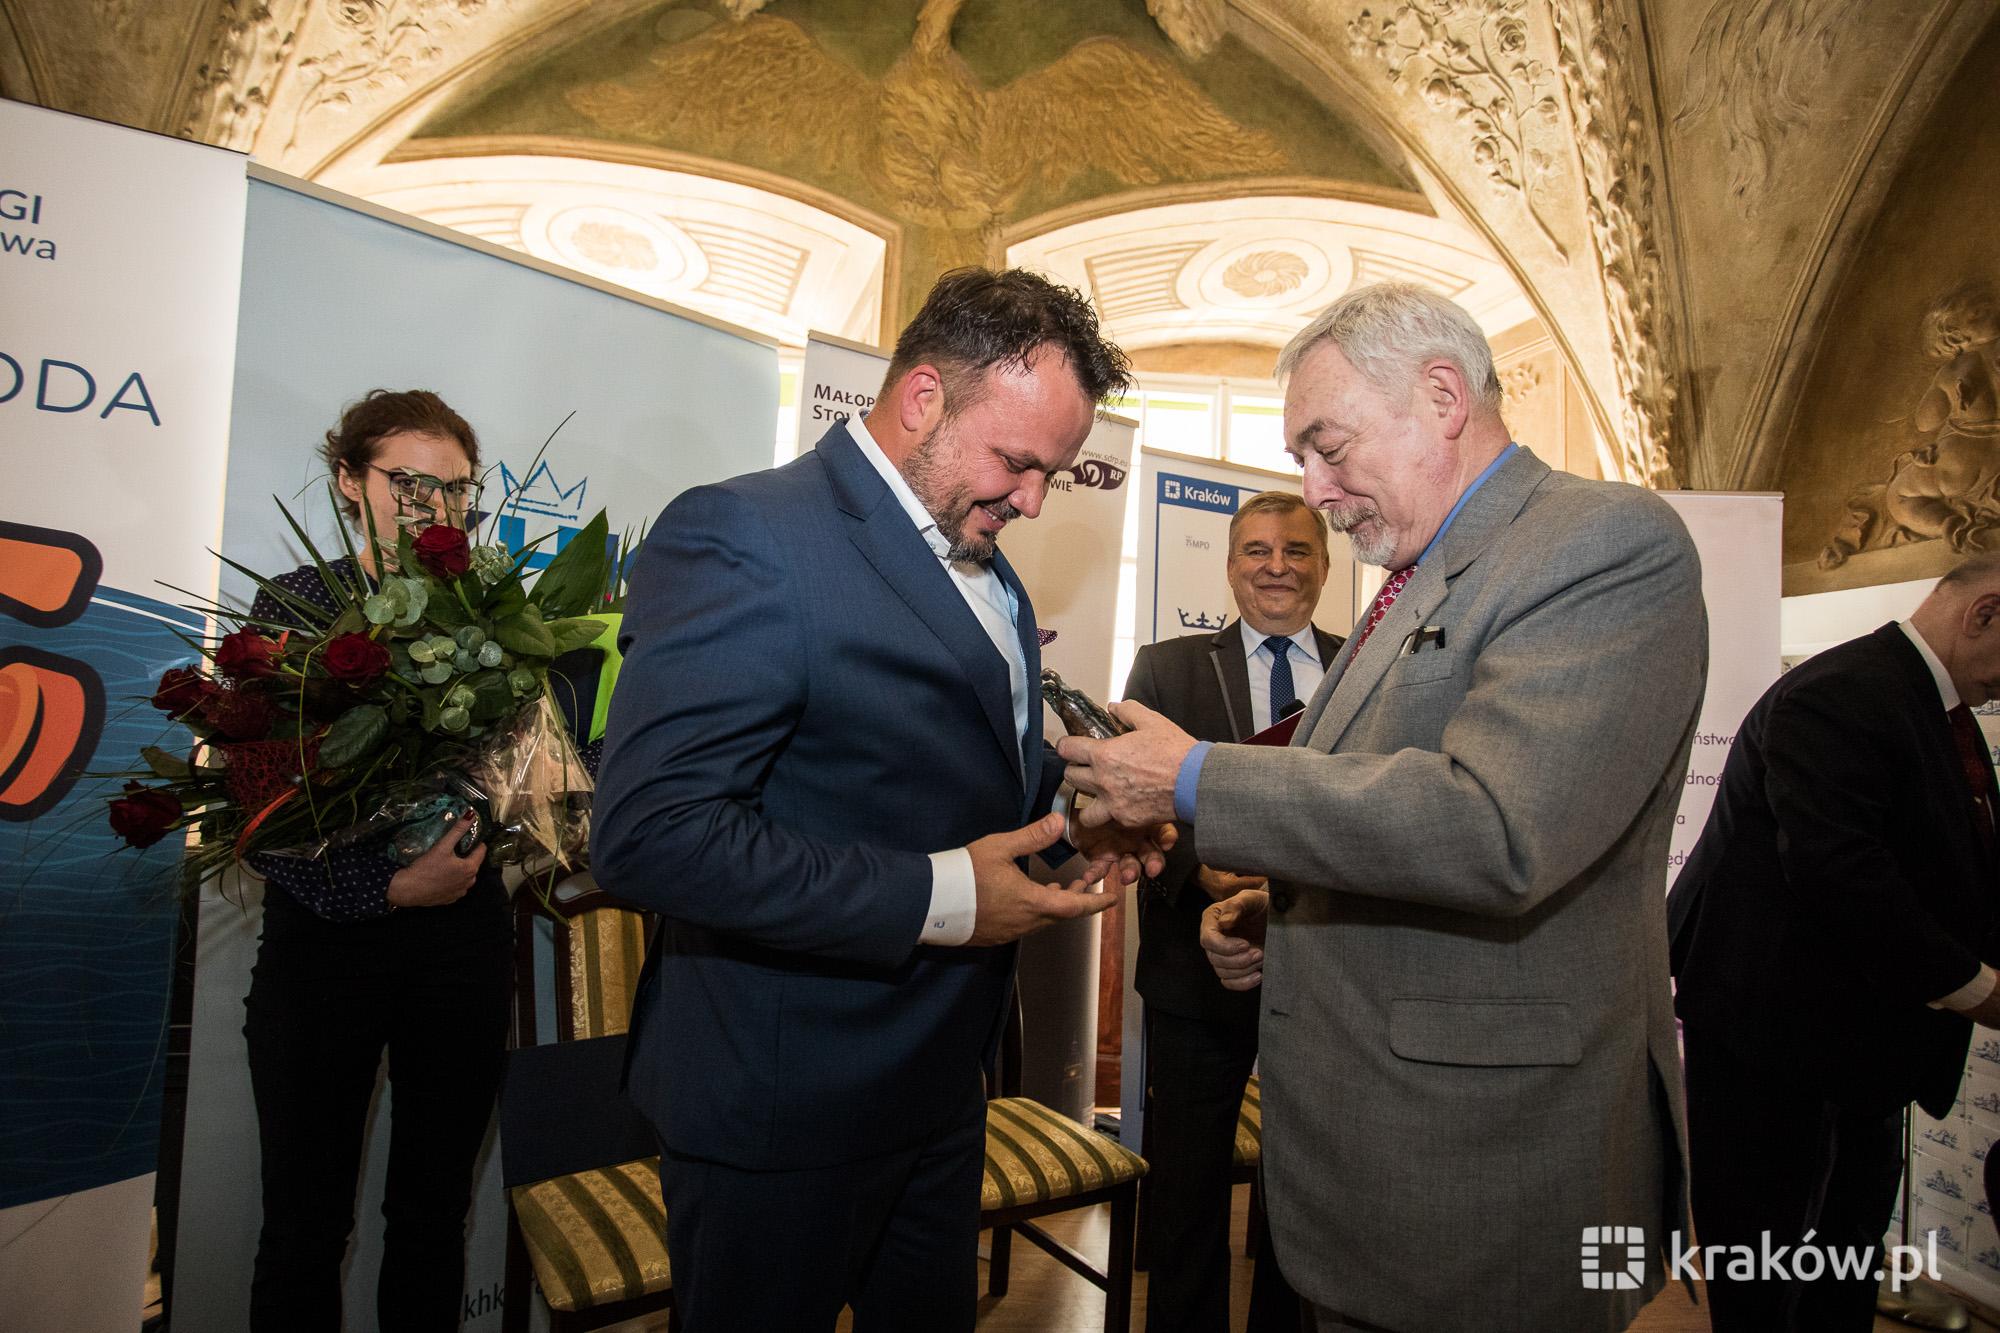 Krakowscy dziennikarze z nagrodami